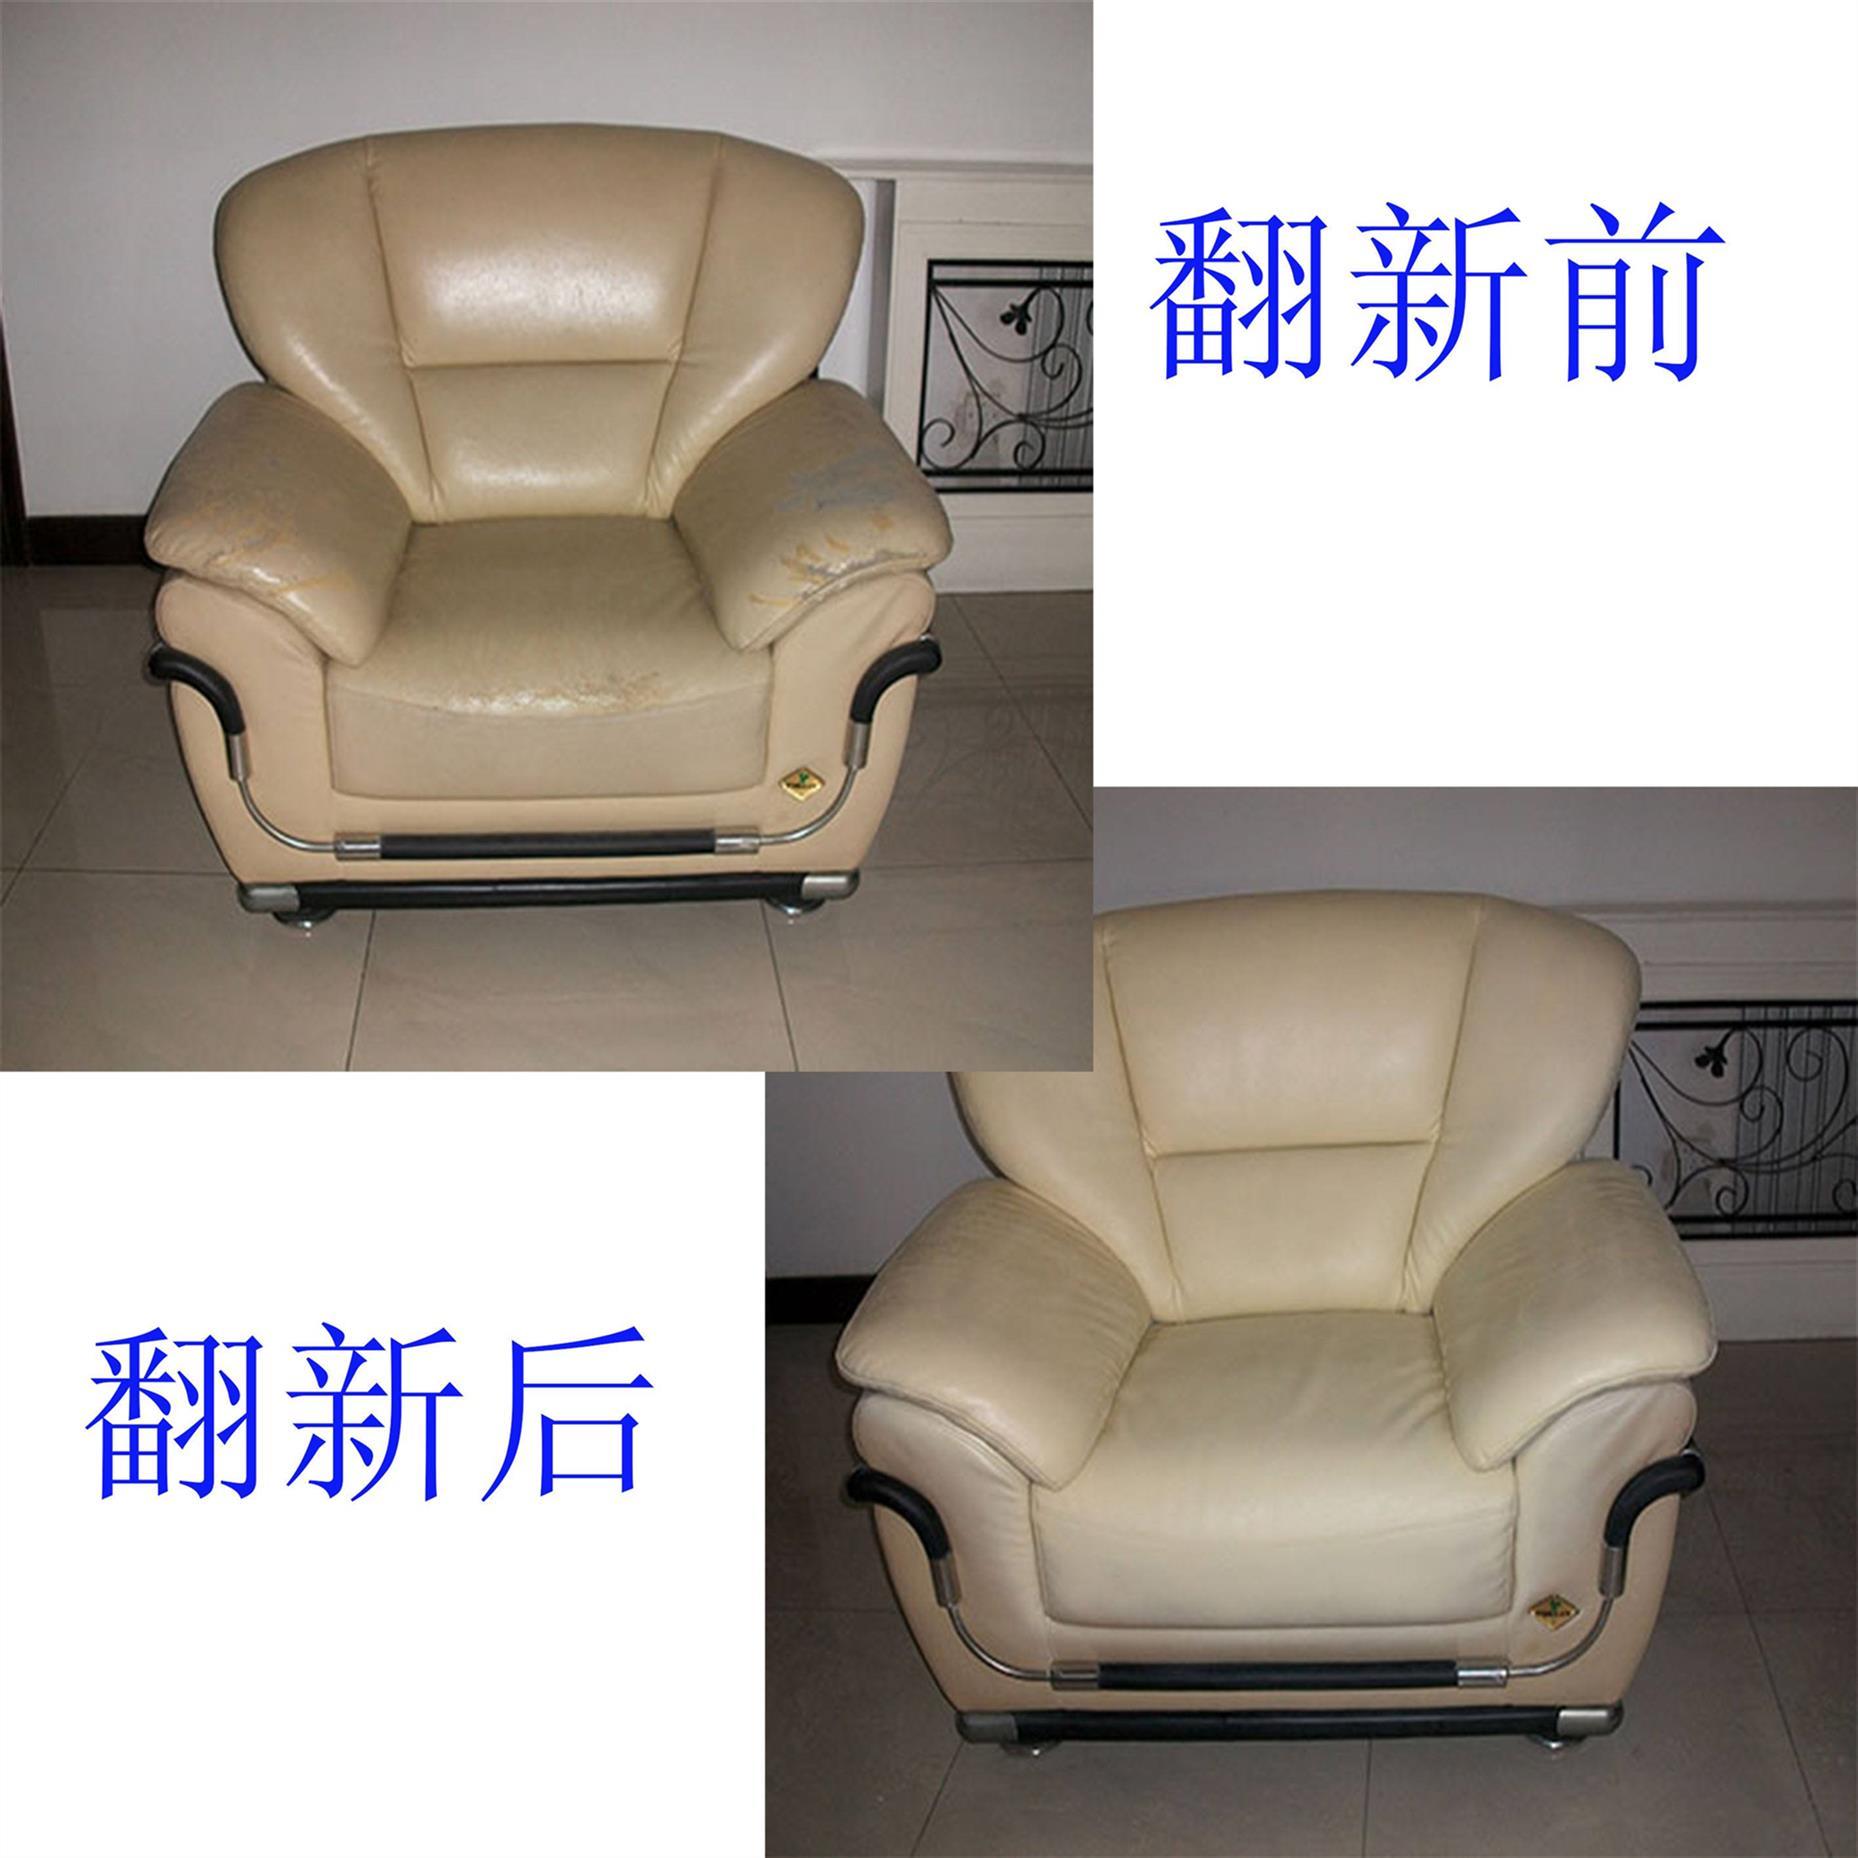 静安旧沙发修补